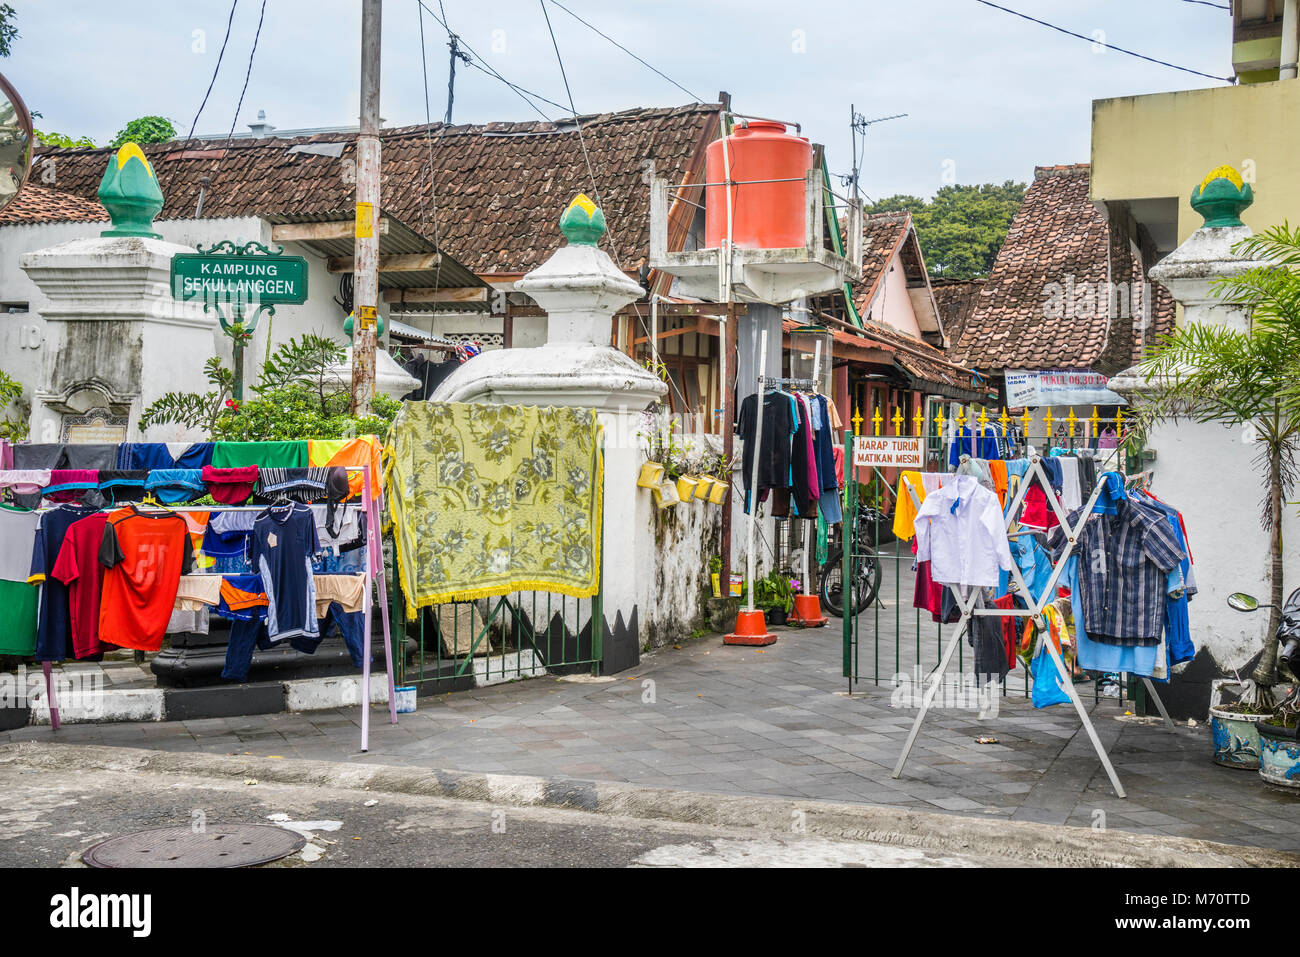 Jour de lessive à Kampung Segullanggan dans le quartier Kraton de Yogyakarta, le centre de Java, Indonésie Photo Stock